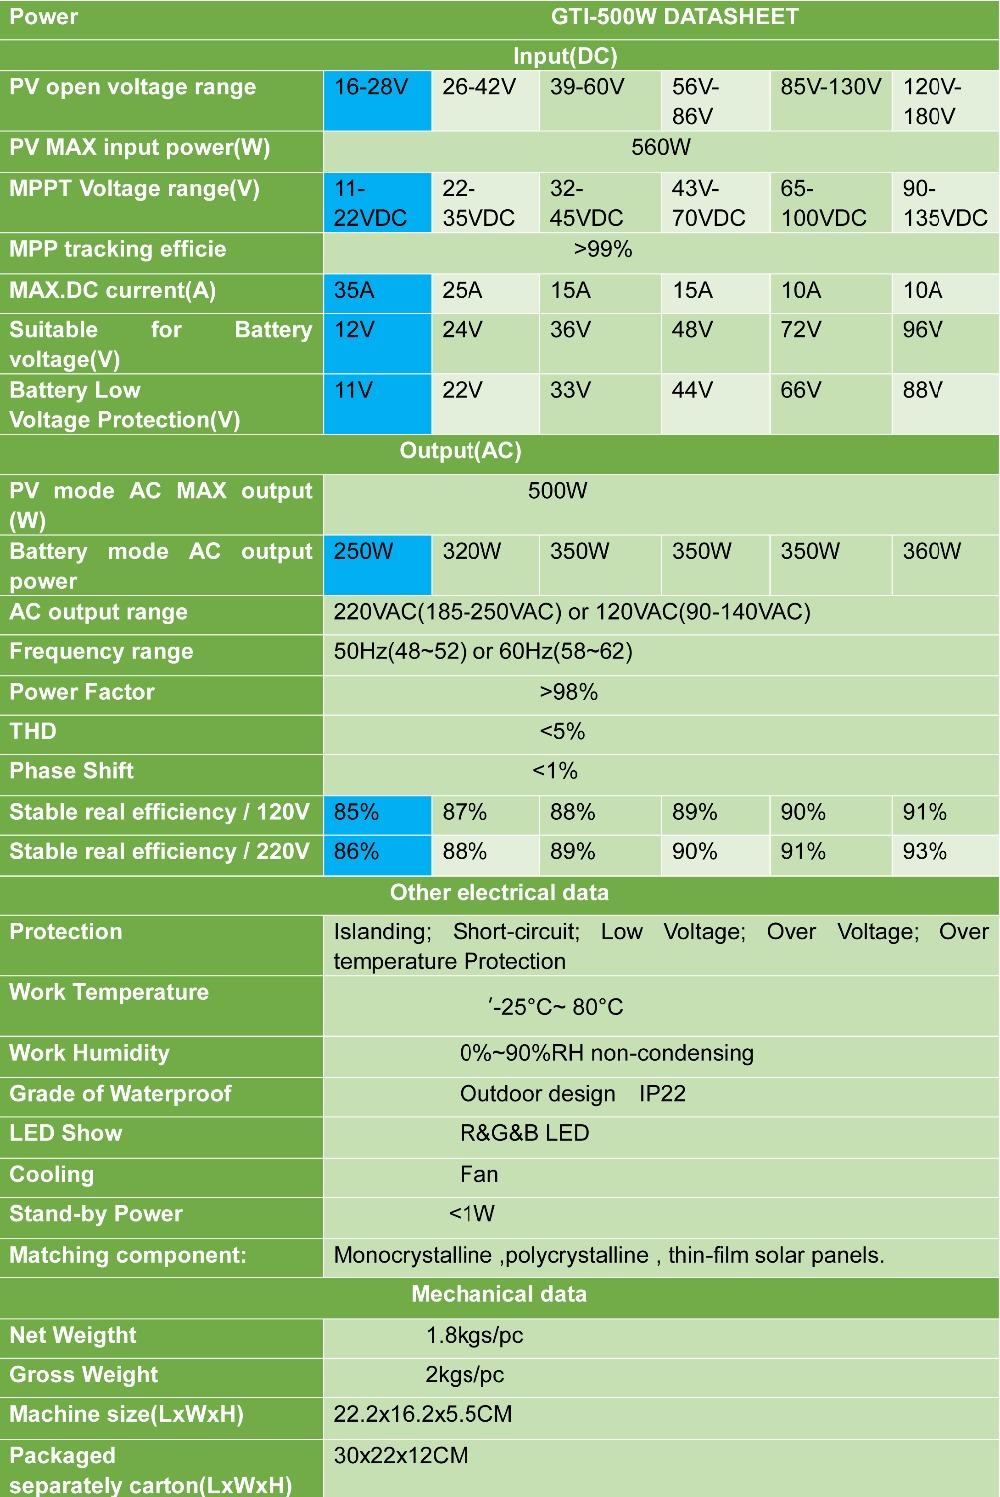 500w 12V data